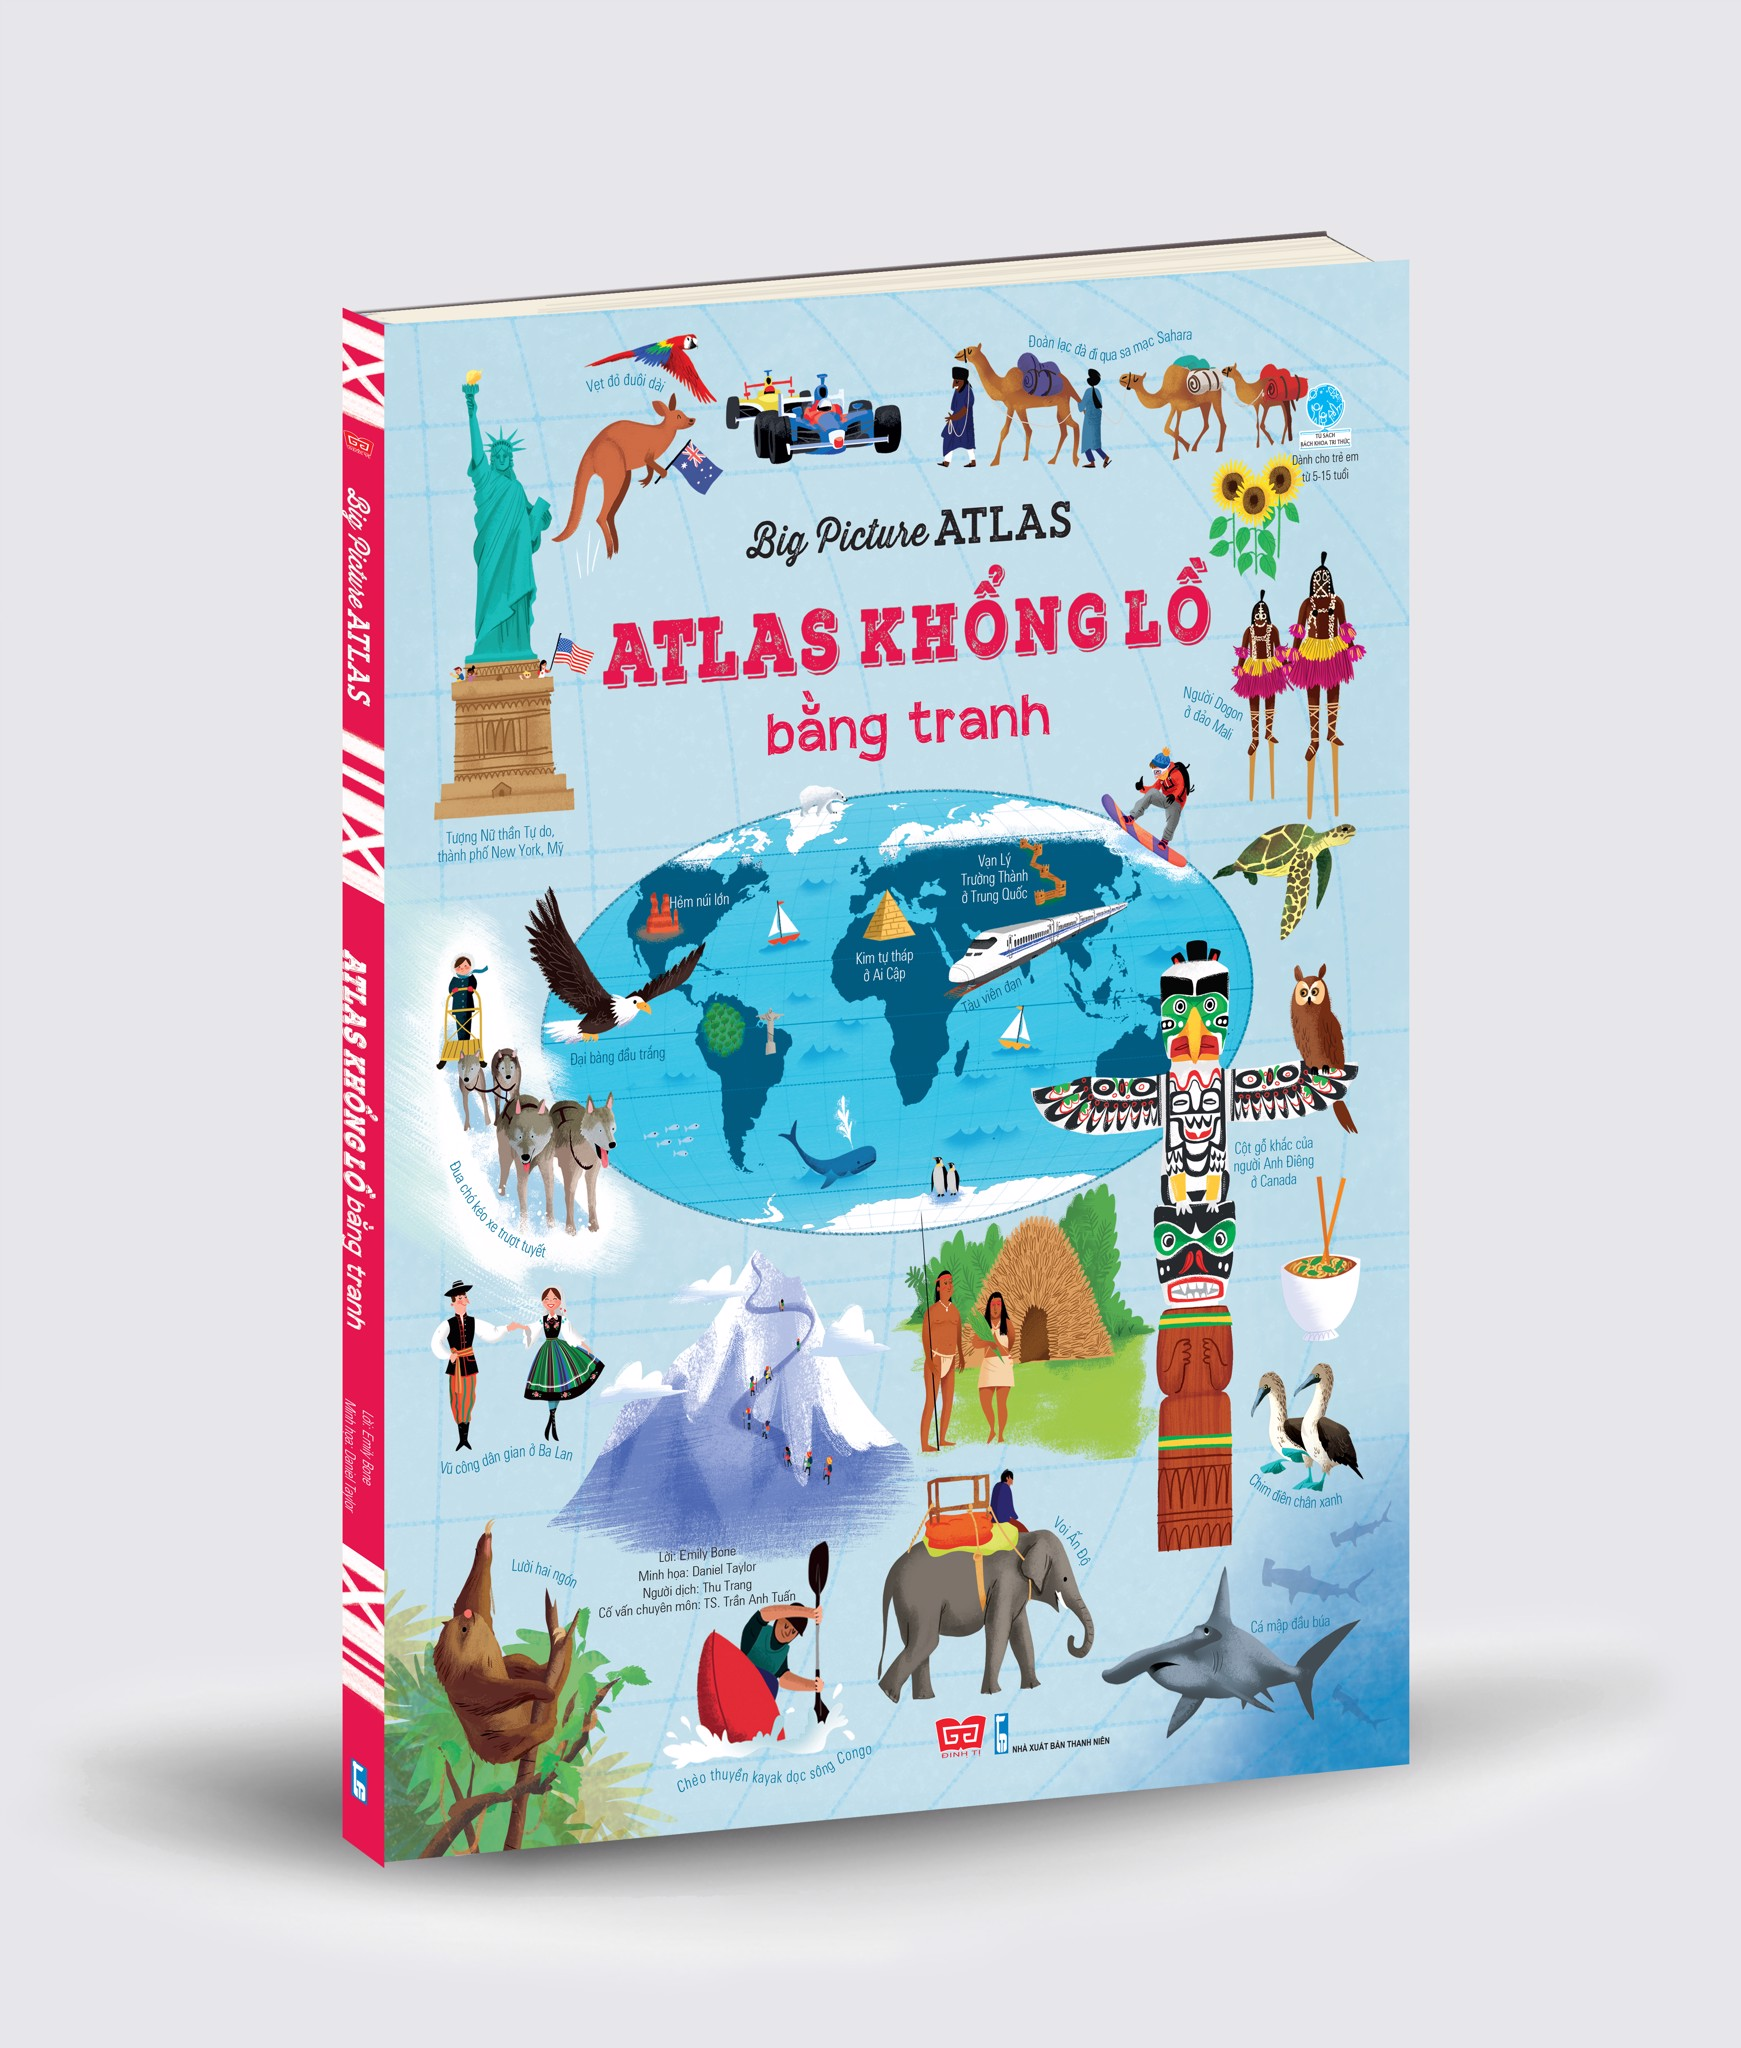 Sách tương tác - Big Picture Atlas - Atlas khổng lồ bằng tranh